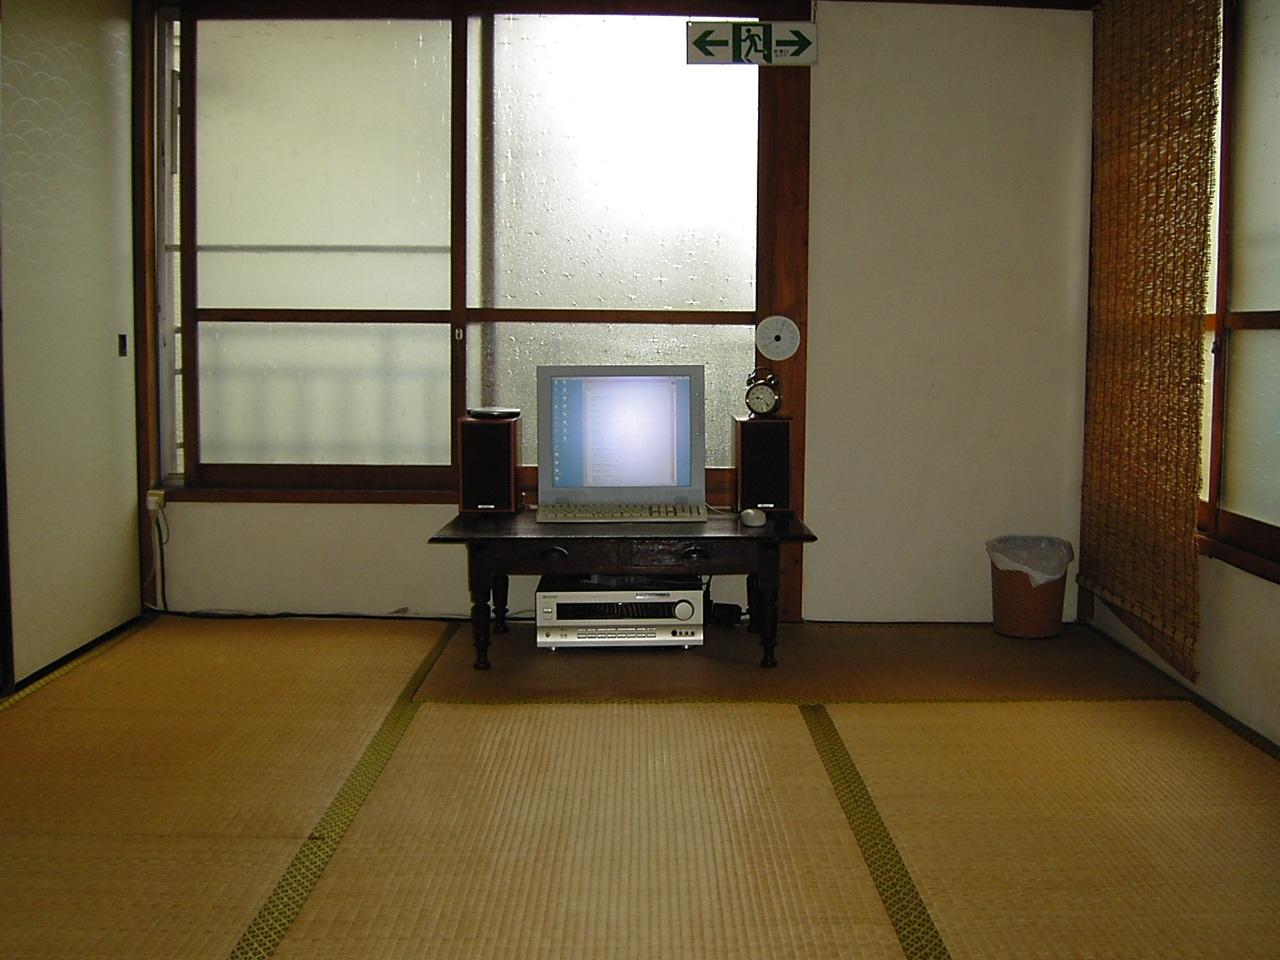 あなたの部屋はこんな感じ インテリア特集 日福生のための情報サイト ぷく速